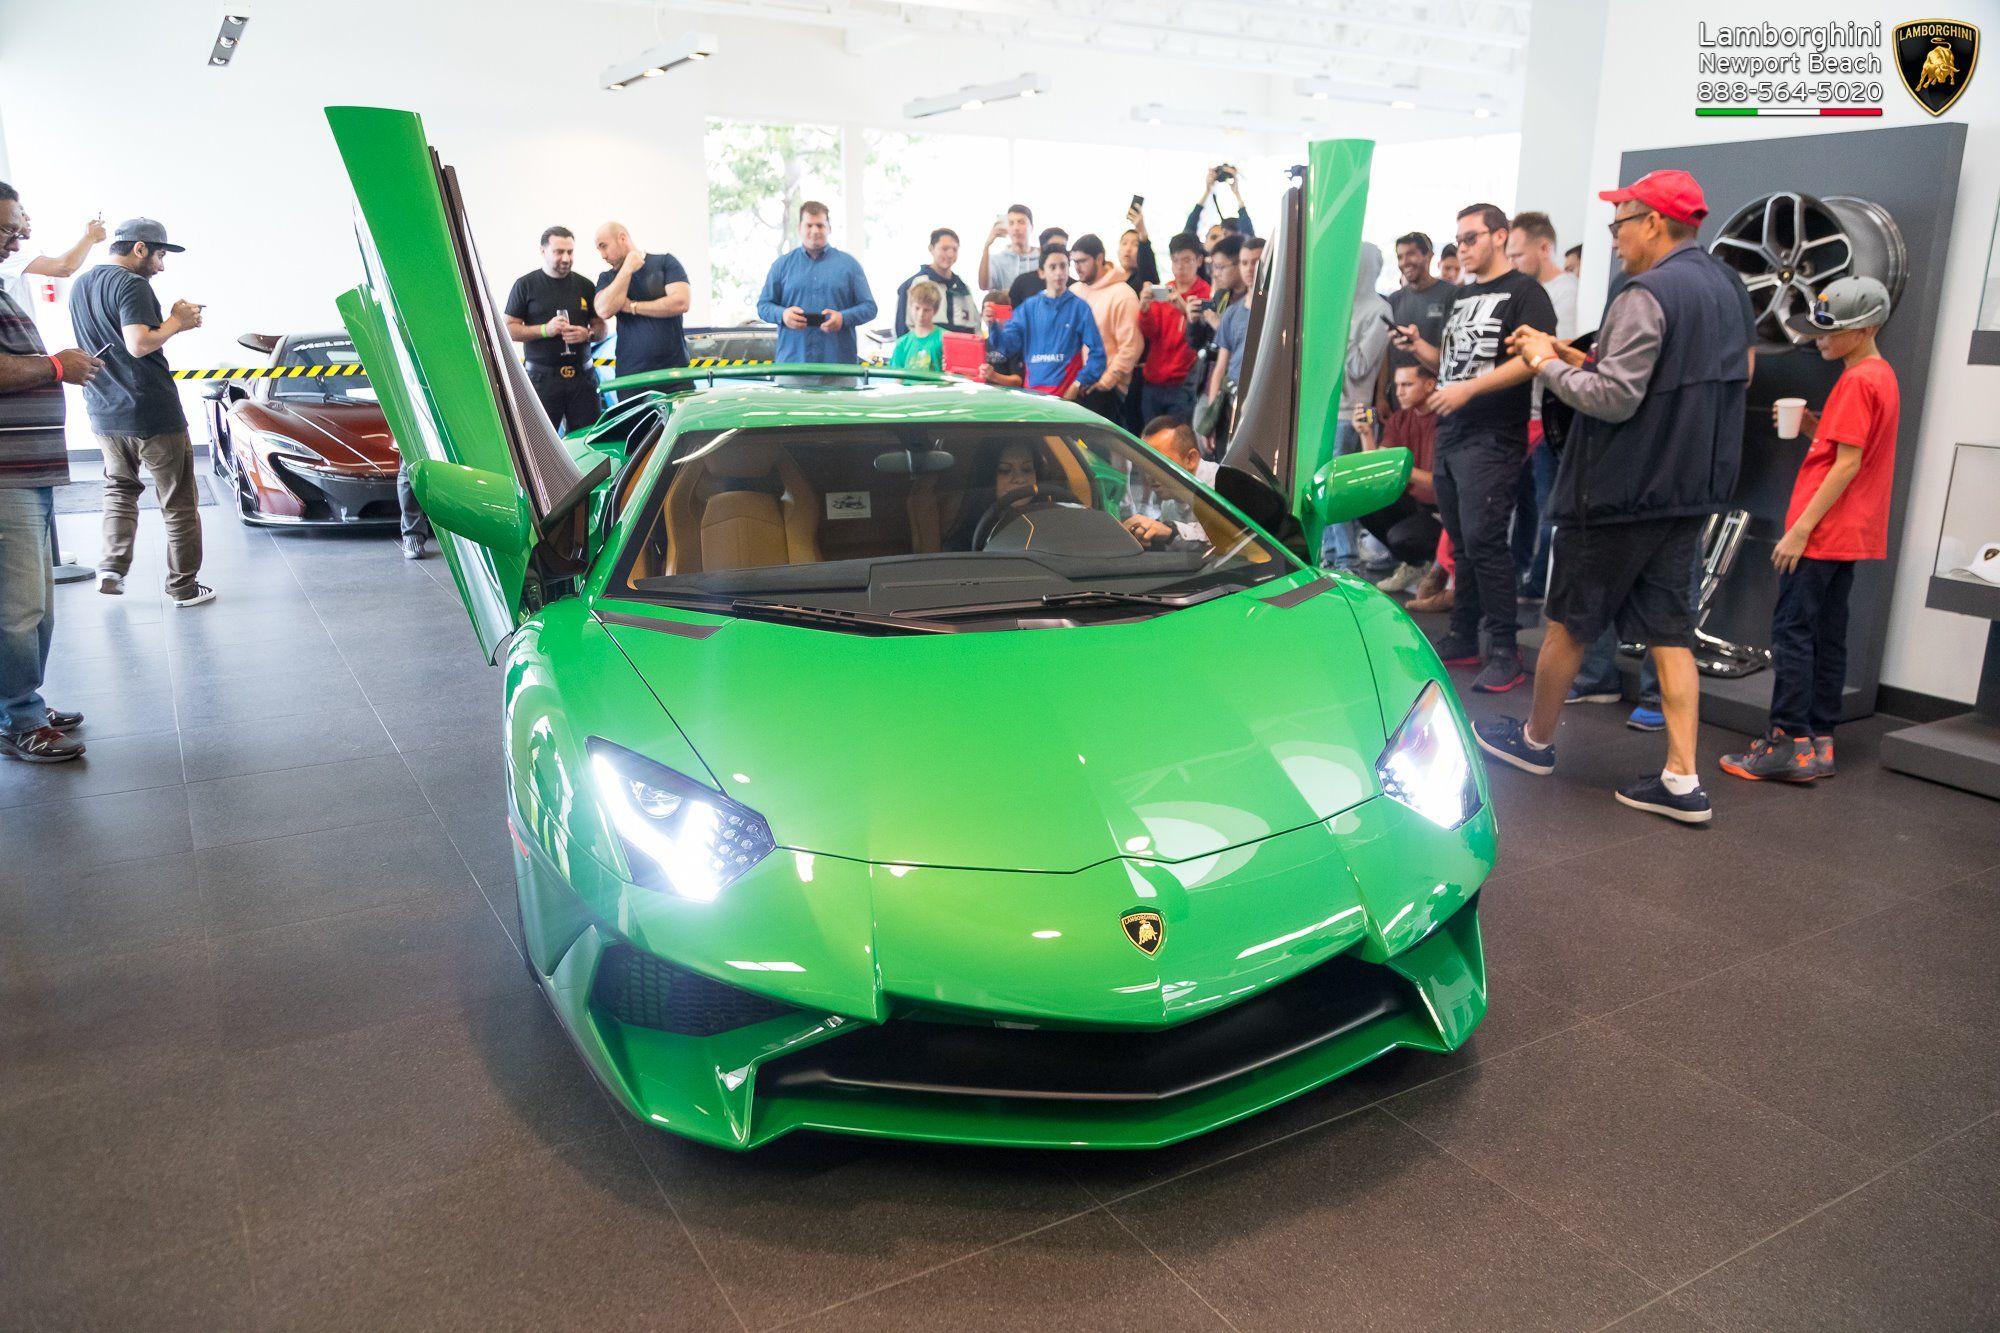 Lamborghini_Aventador_SV_Miura_SV_0001